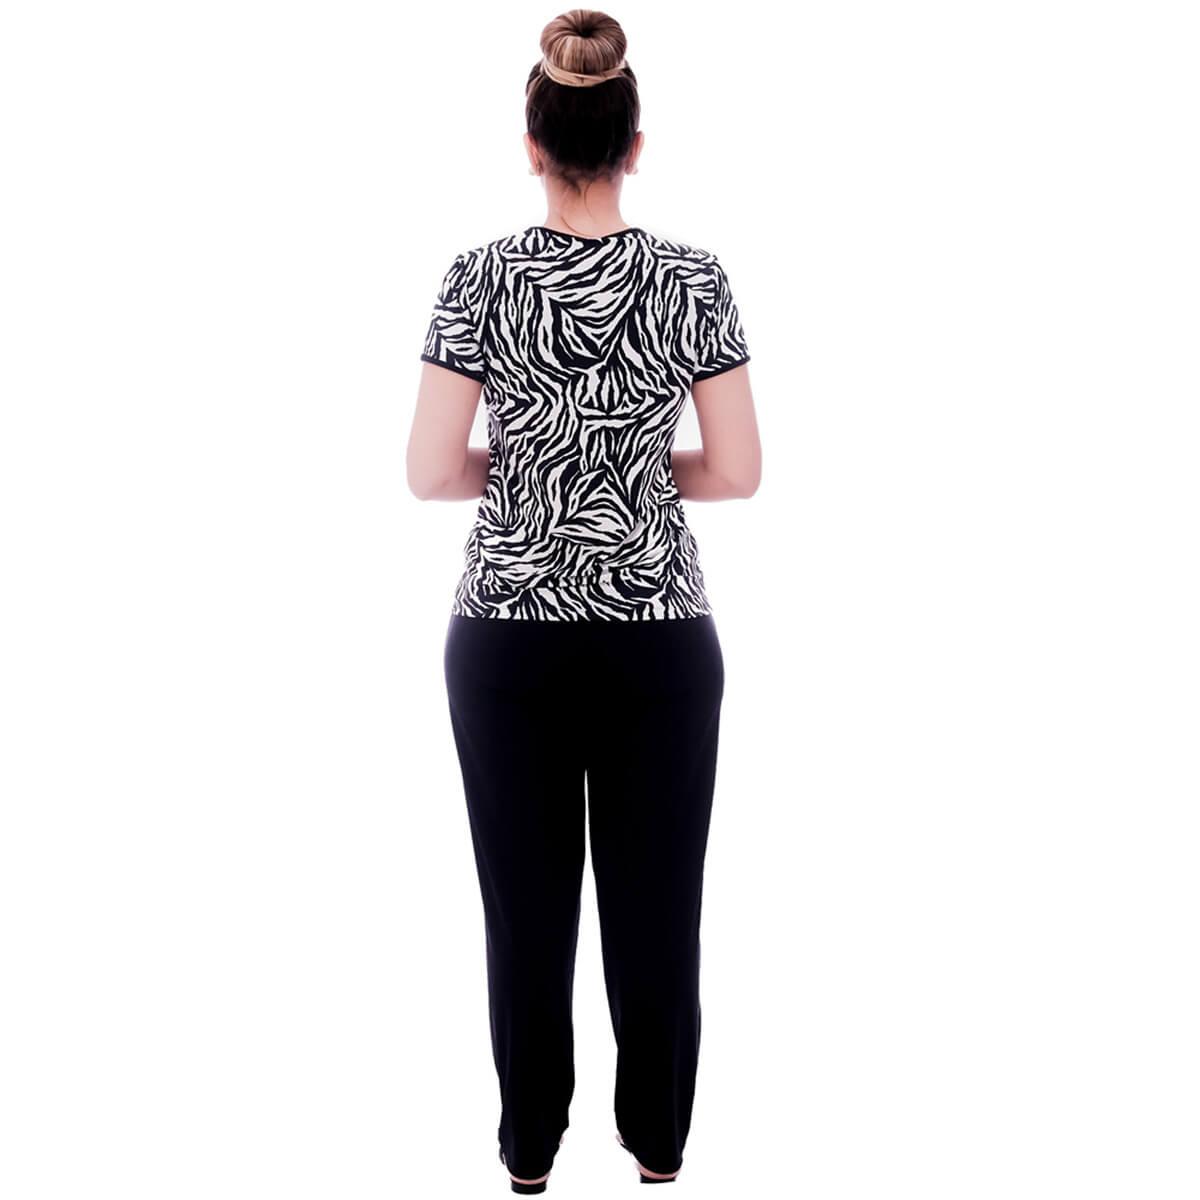 Pijama Feminino de Blusa Manga Curta Estampa Animal Print de Zebra e Viés Preto e Calça Comprida Preta